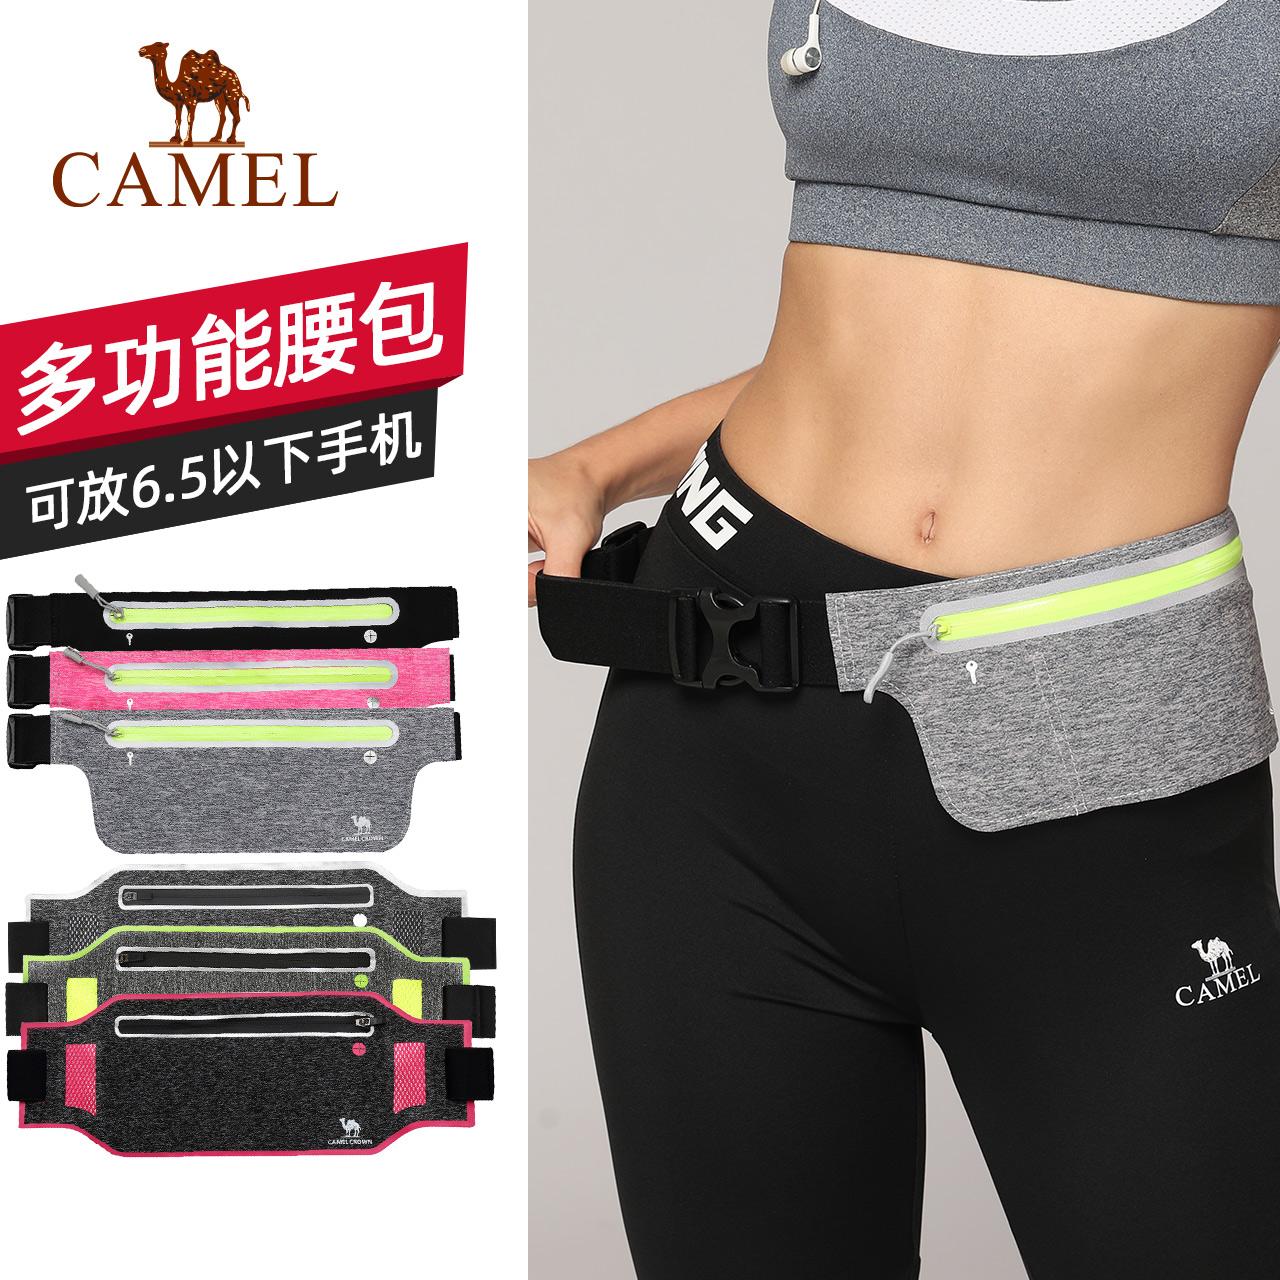 骆驼运动腰包男女款多功能旅游徒步健身小腰带包隐形跑步手机腰包10-13新券